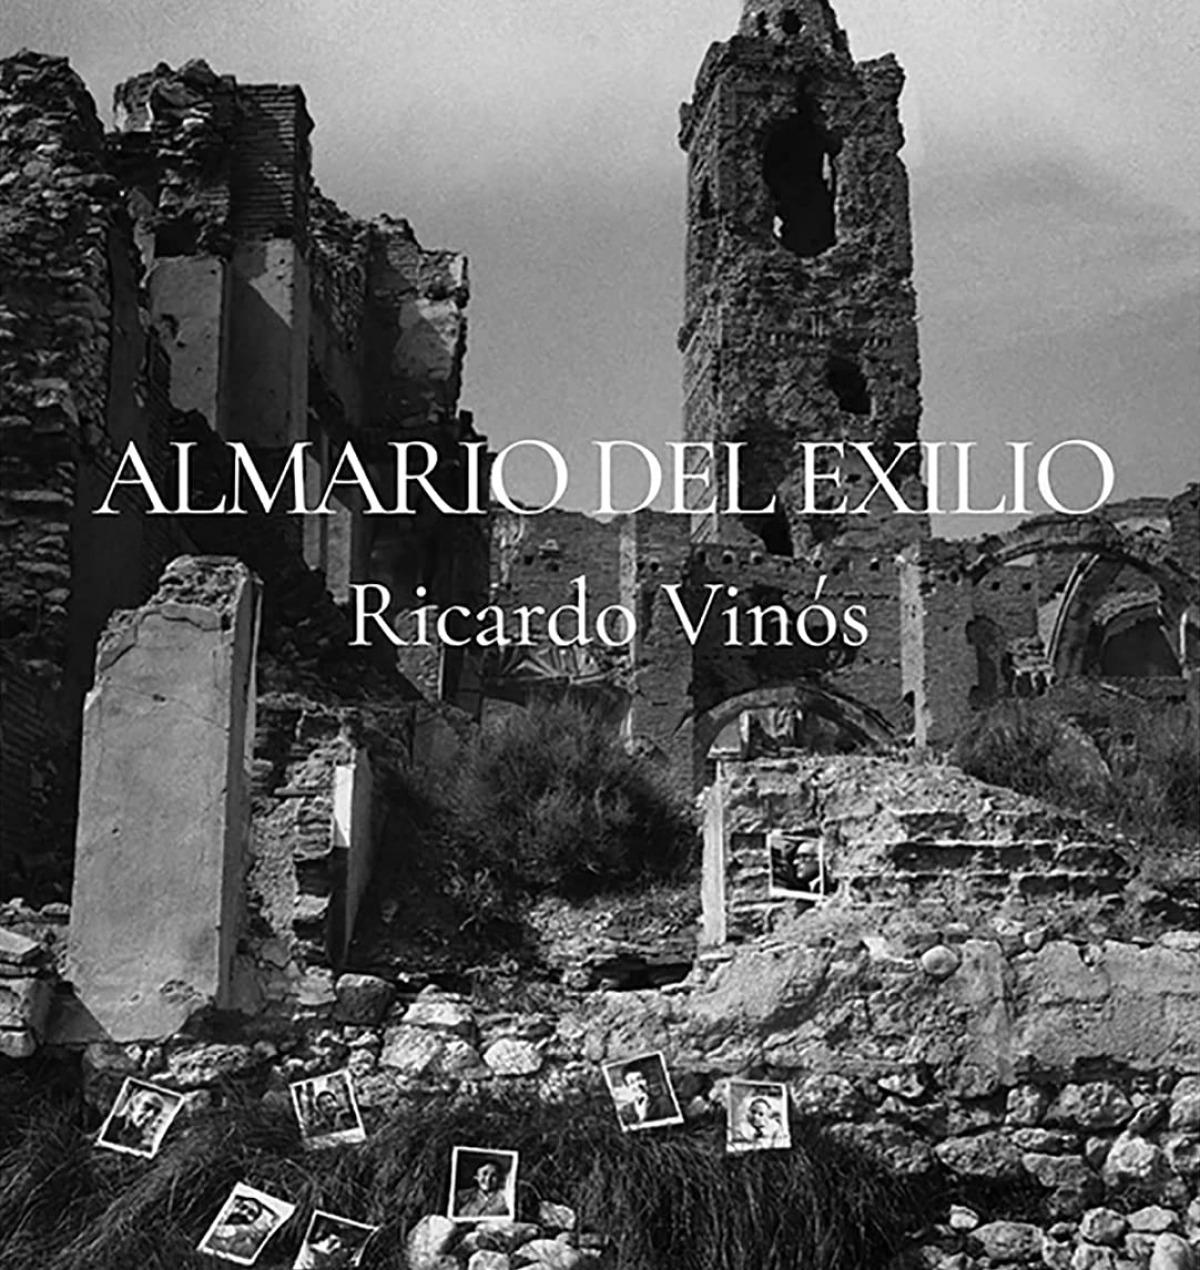 ALMARIO DEL EXILIO